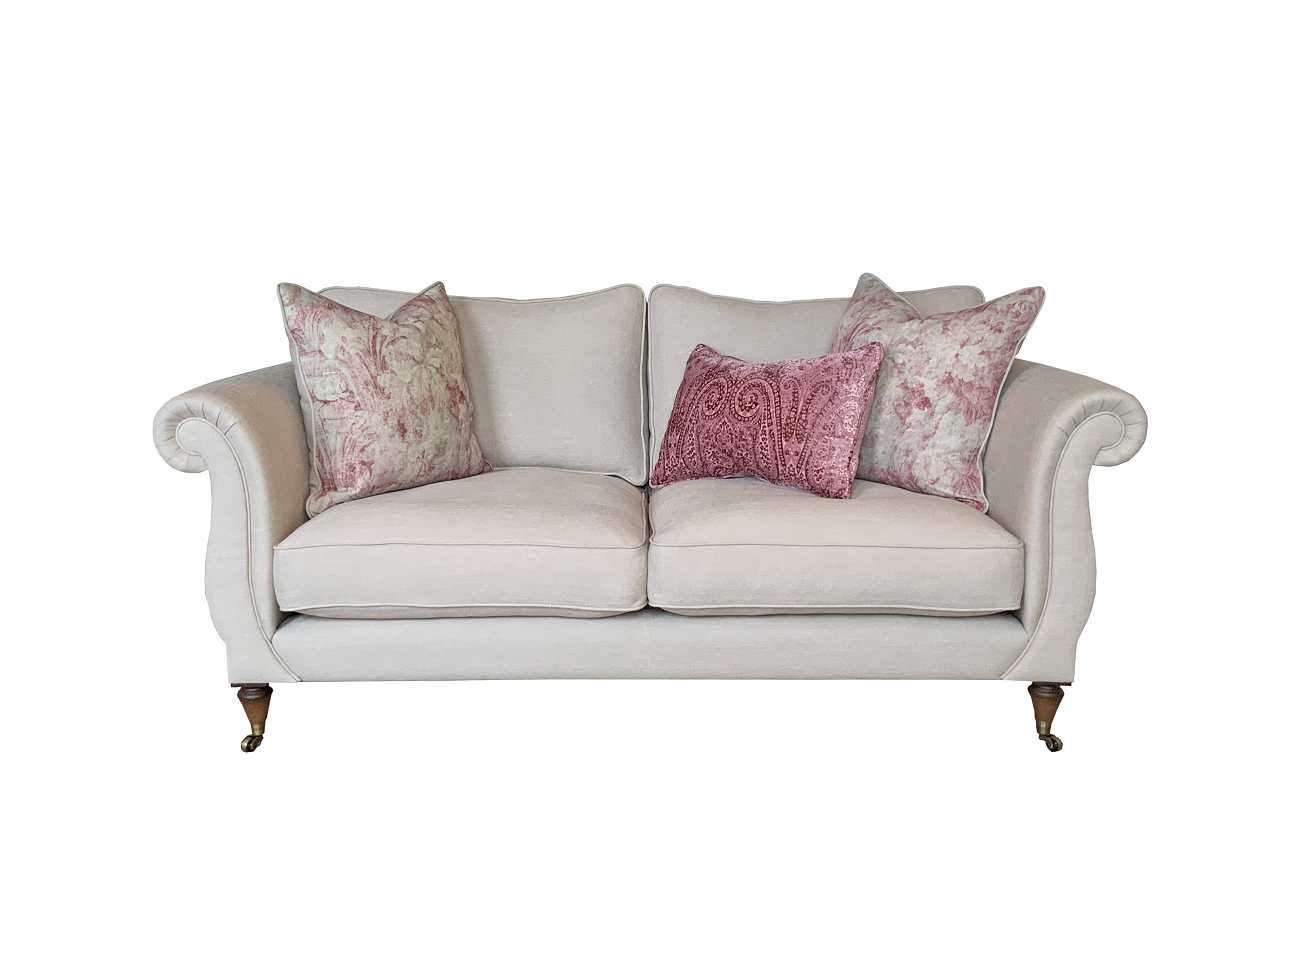 Atherton 3 Seater Sofa